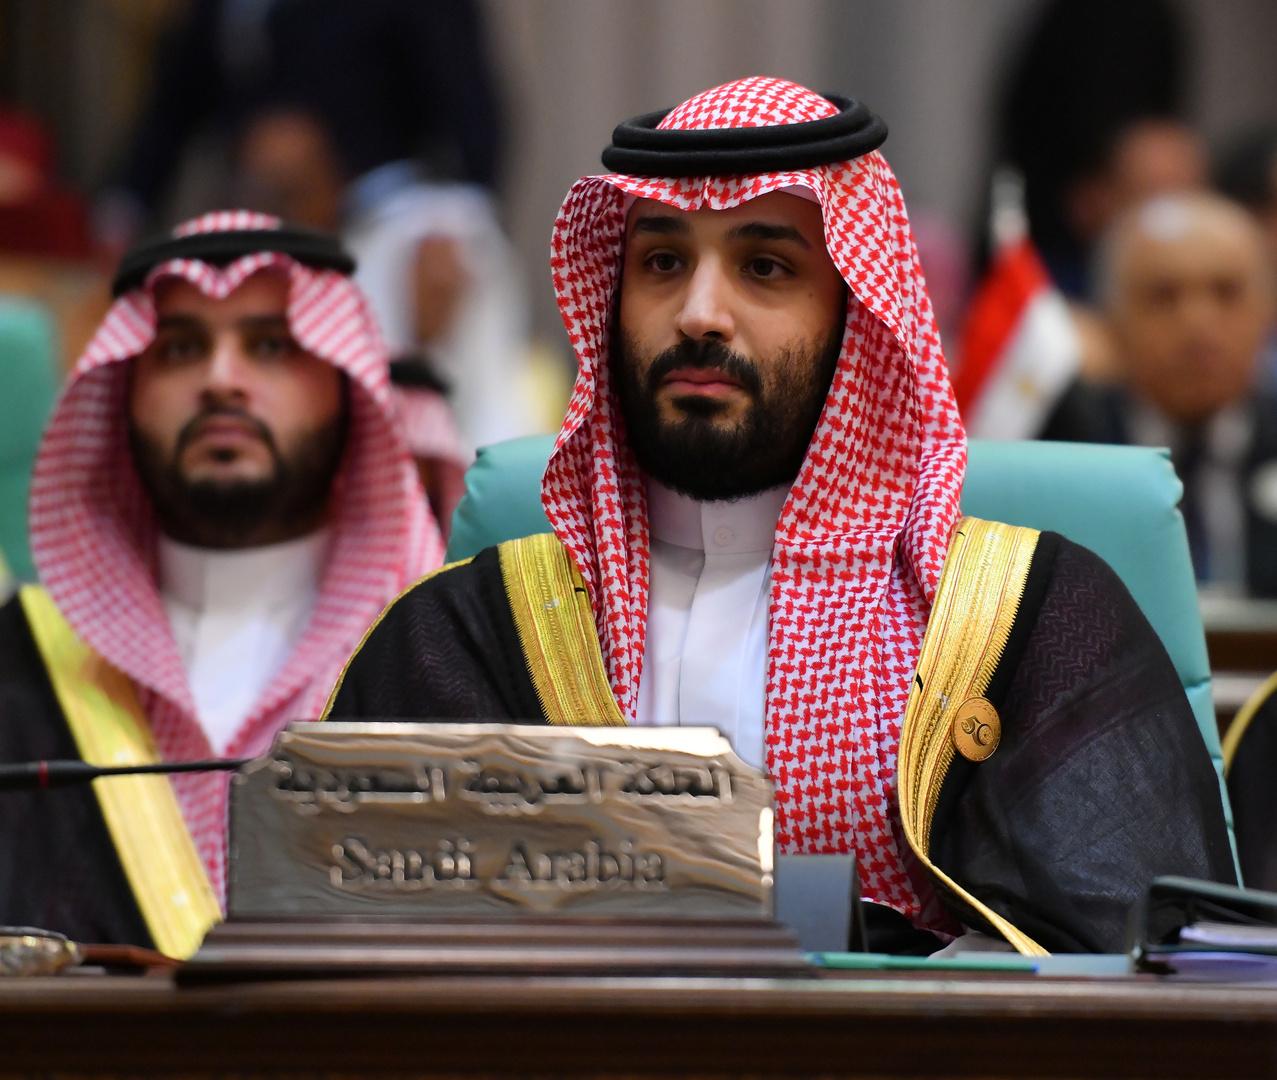 ولي العهد السعودي يخضع لعملية جراحية ناجحة (فيديو)